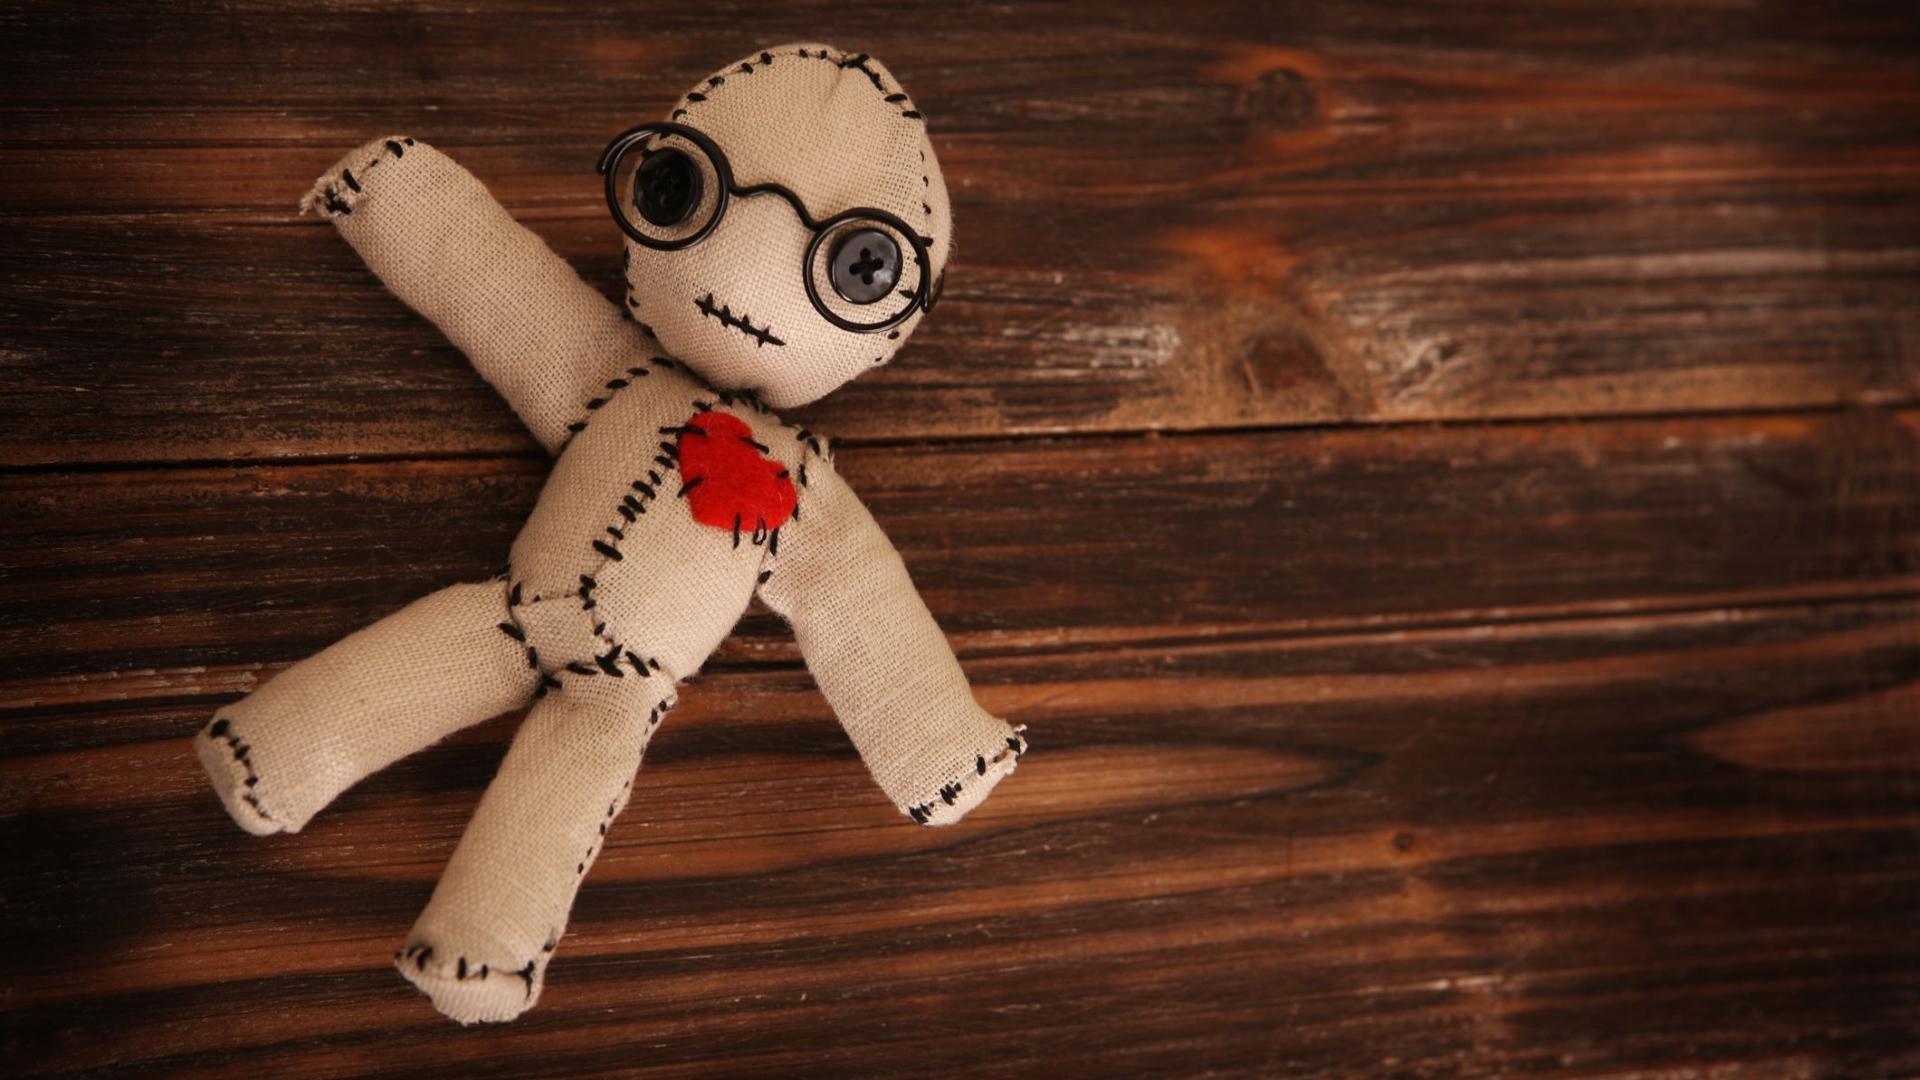 Кукла вуду начальника помогает снять стресс лучше, чем премия